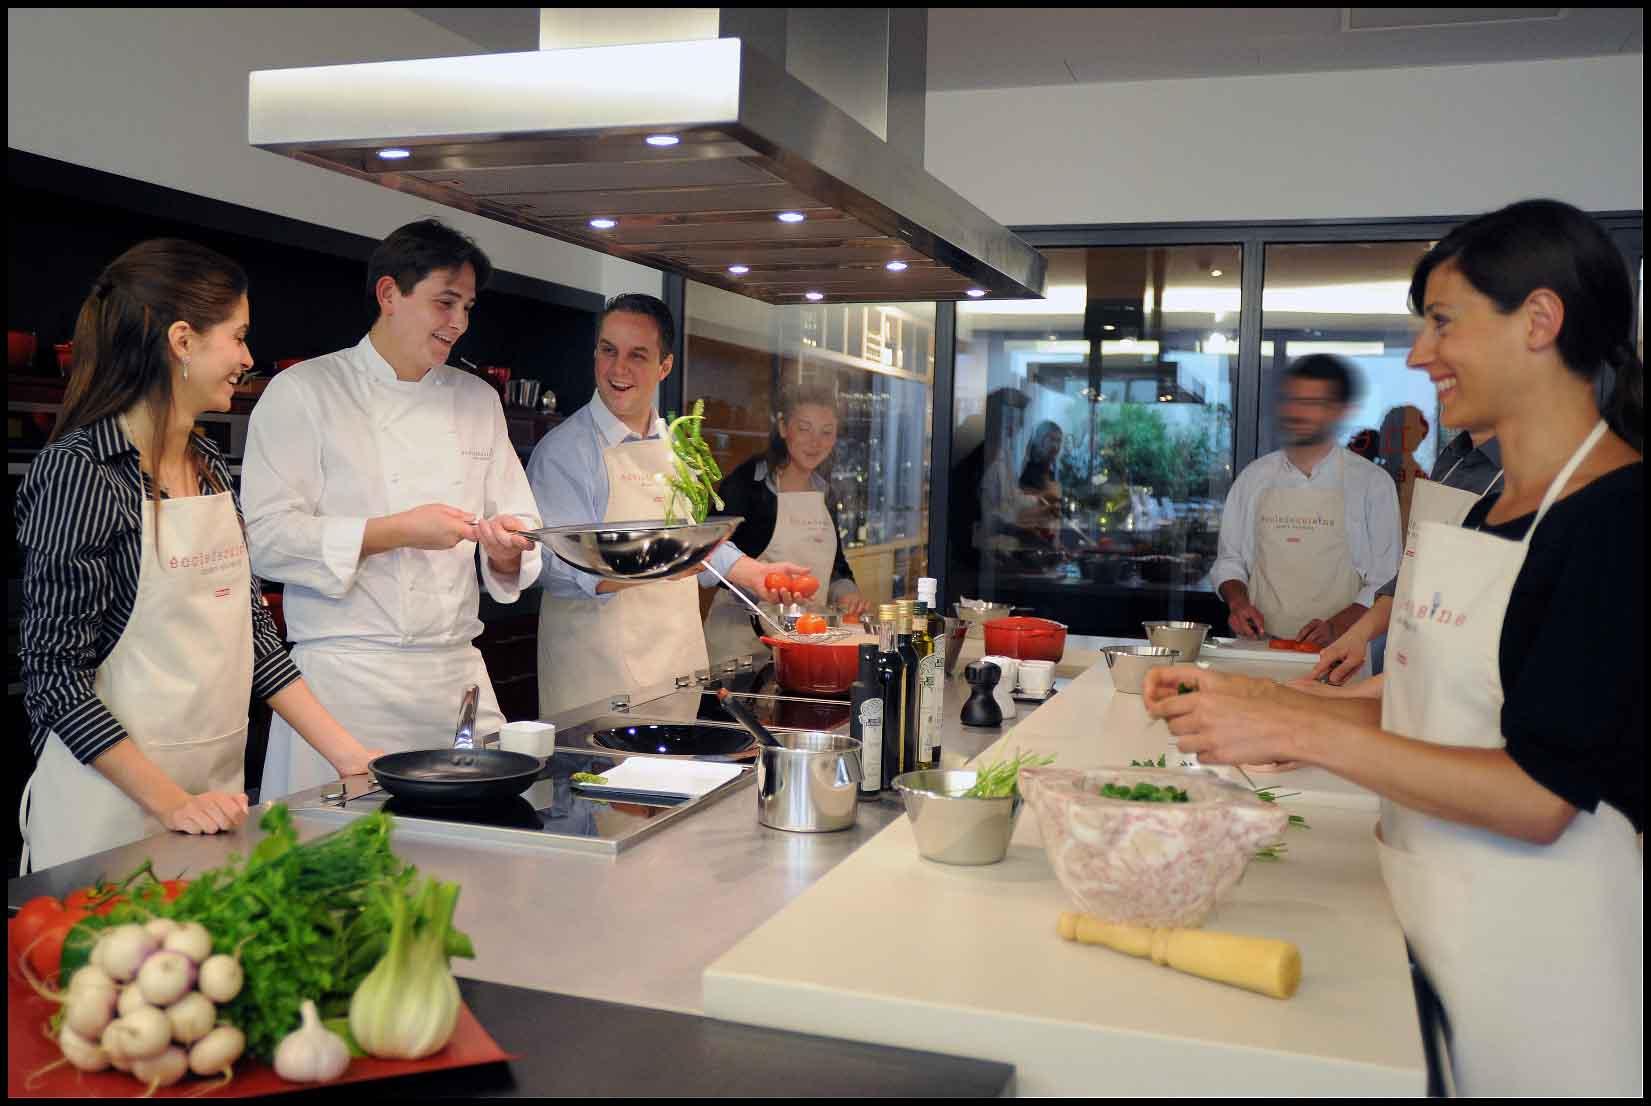 Alain ducasse tobechef for Atelier de cuisine gastronomique